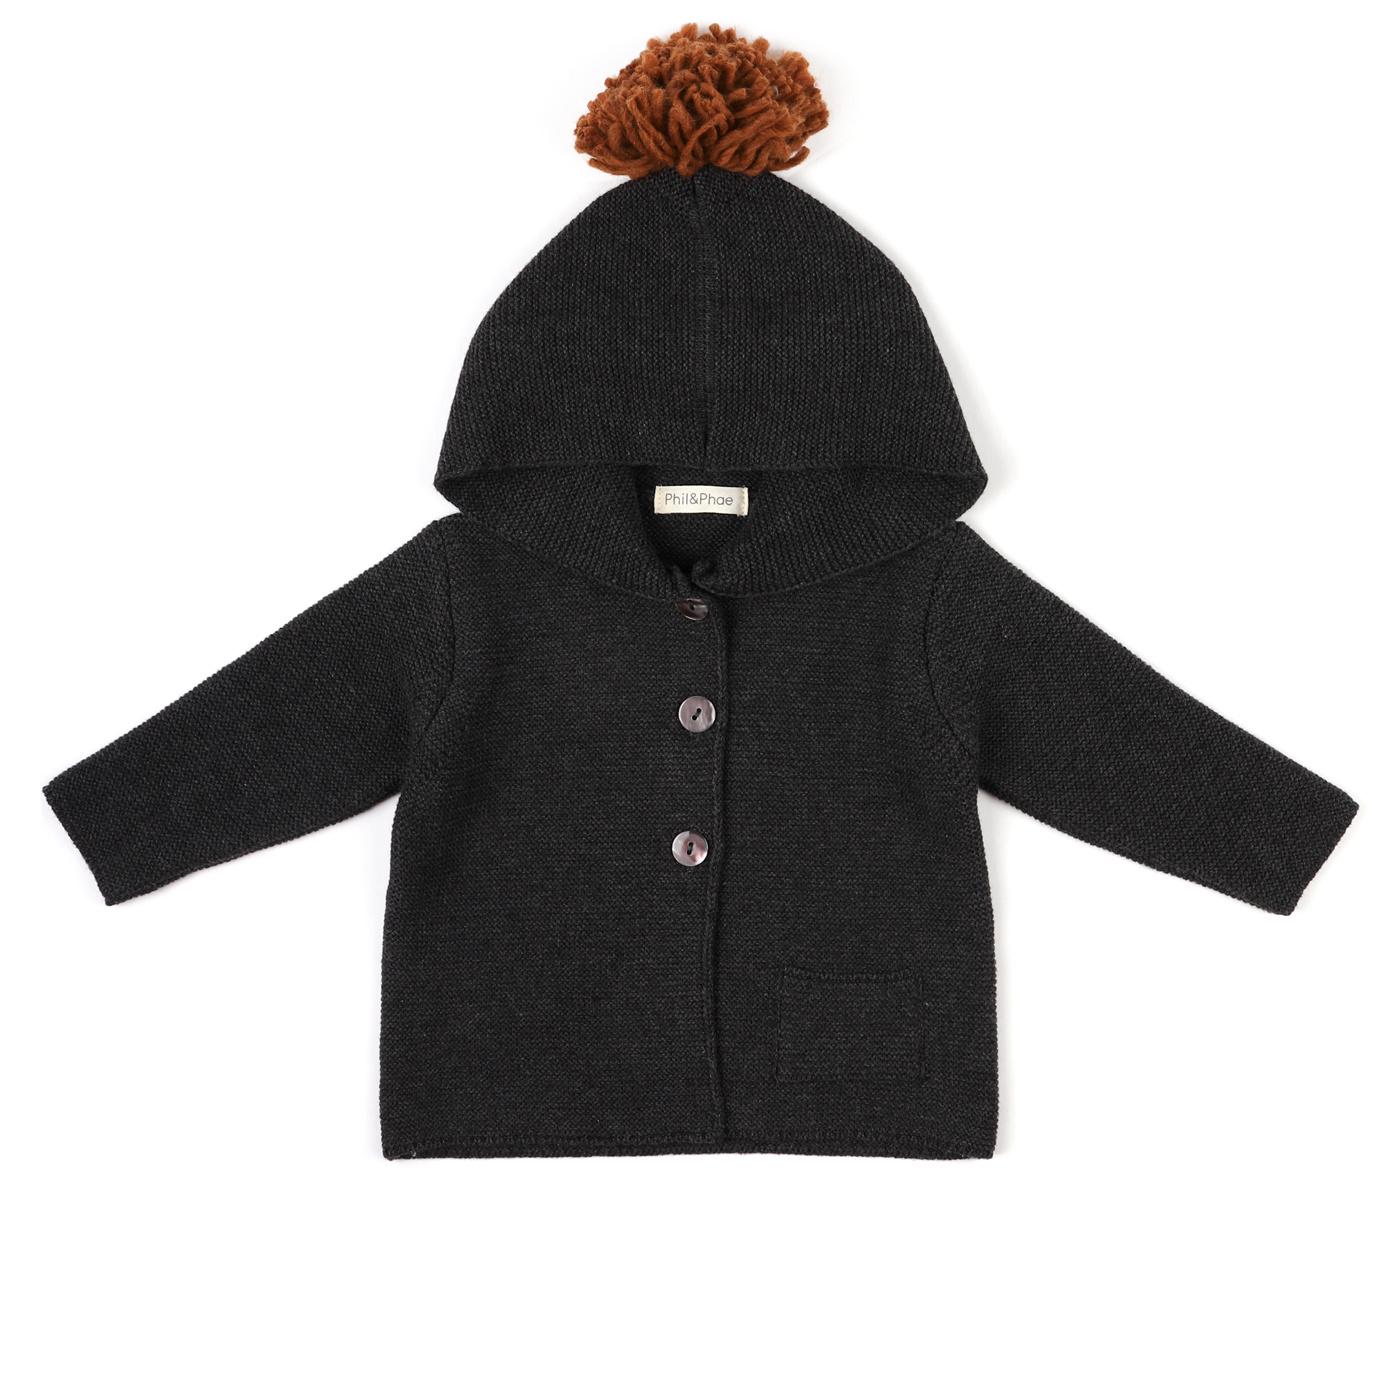 PomPom baby knit cardigan-1